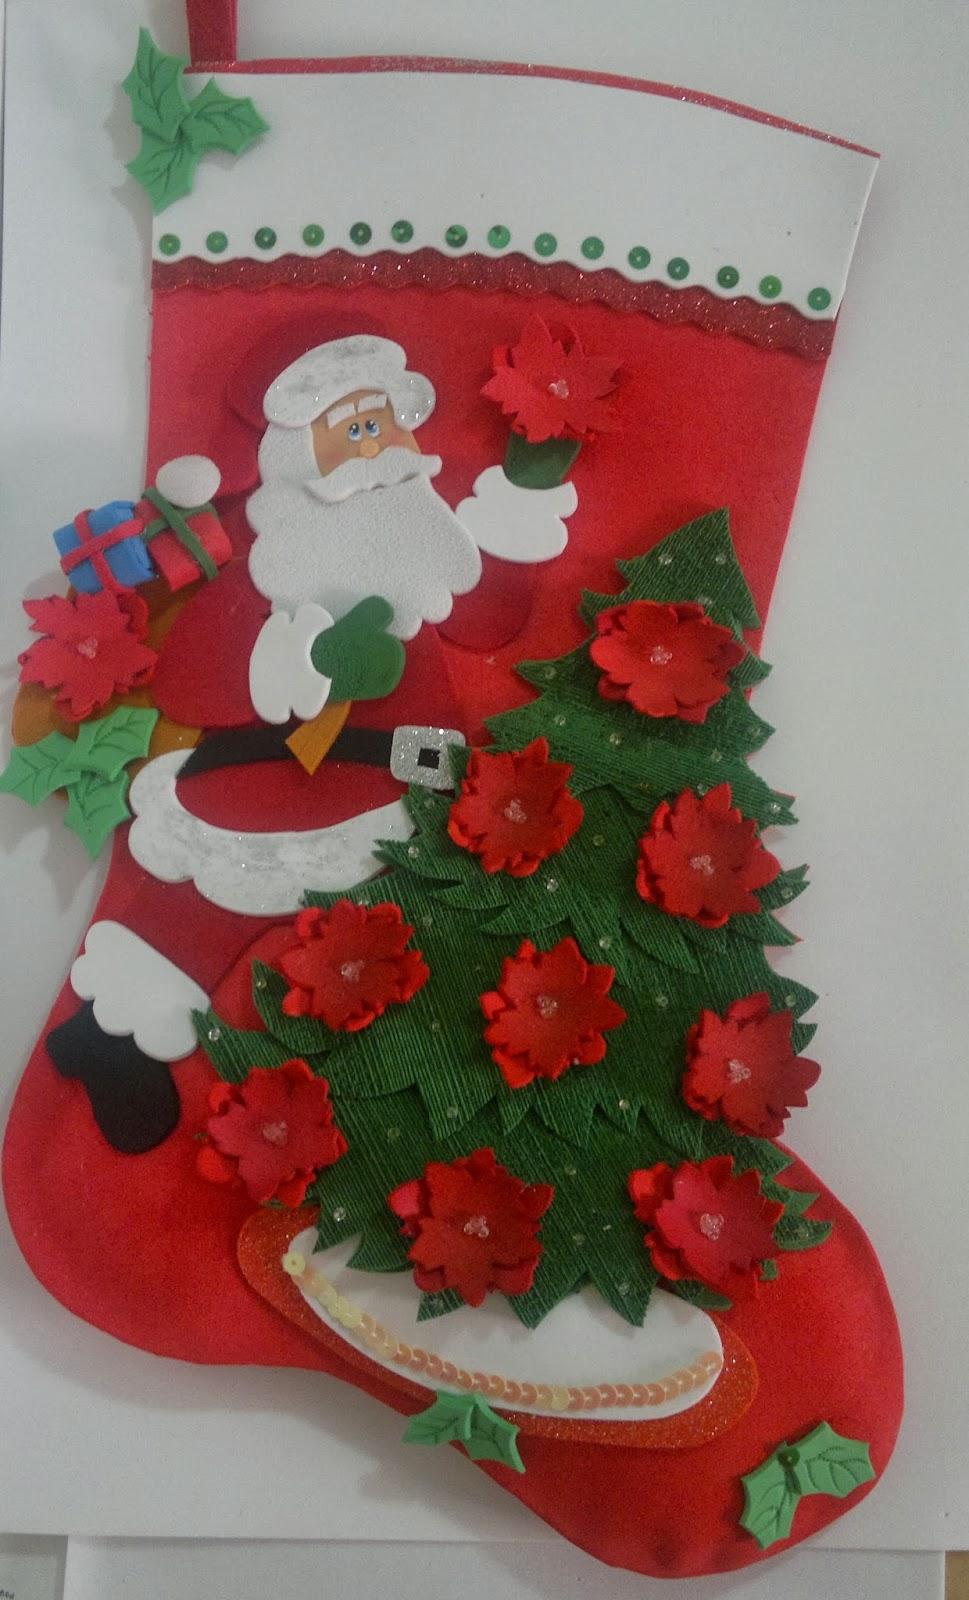 Manualidades tiendasoff botas para navidad - Manualidades en fieltro para navidad ...